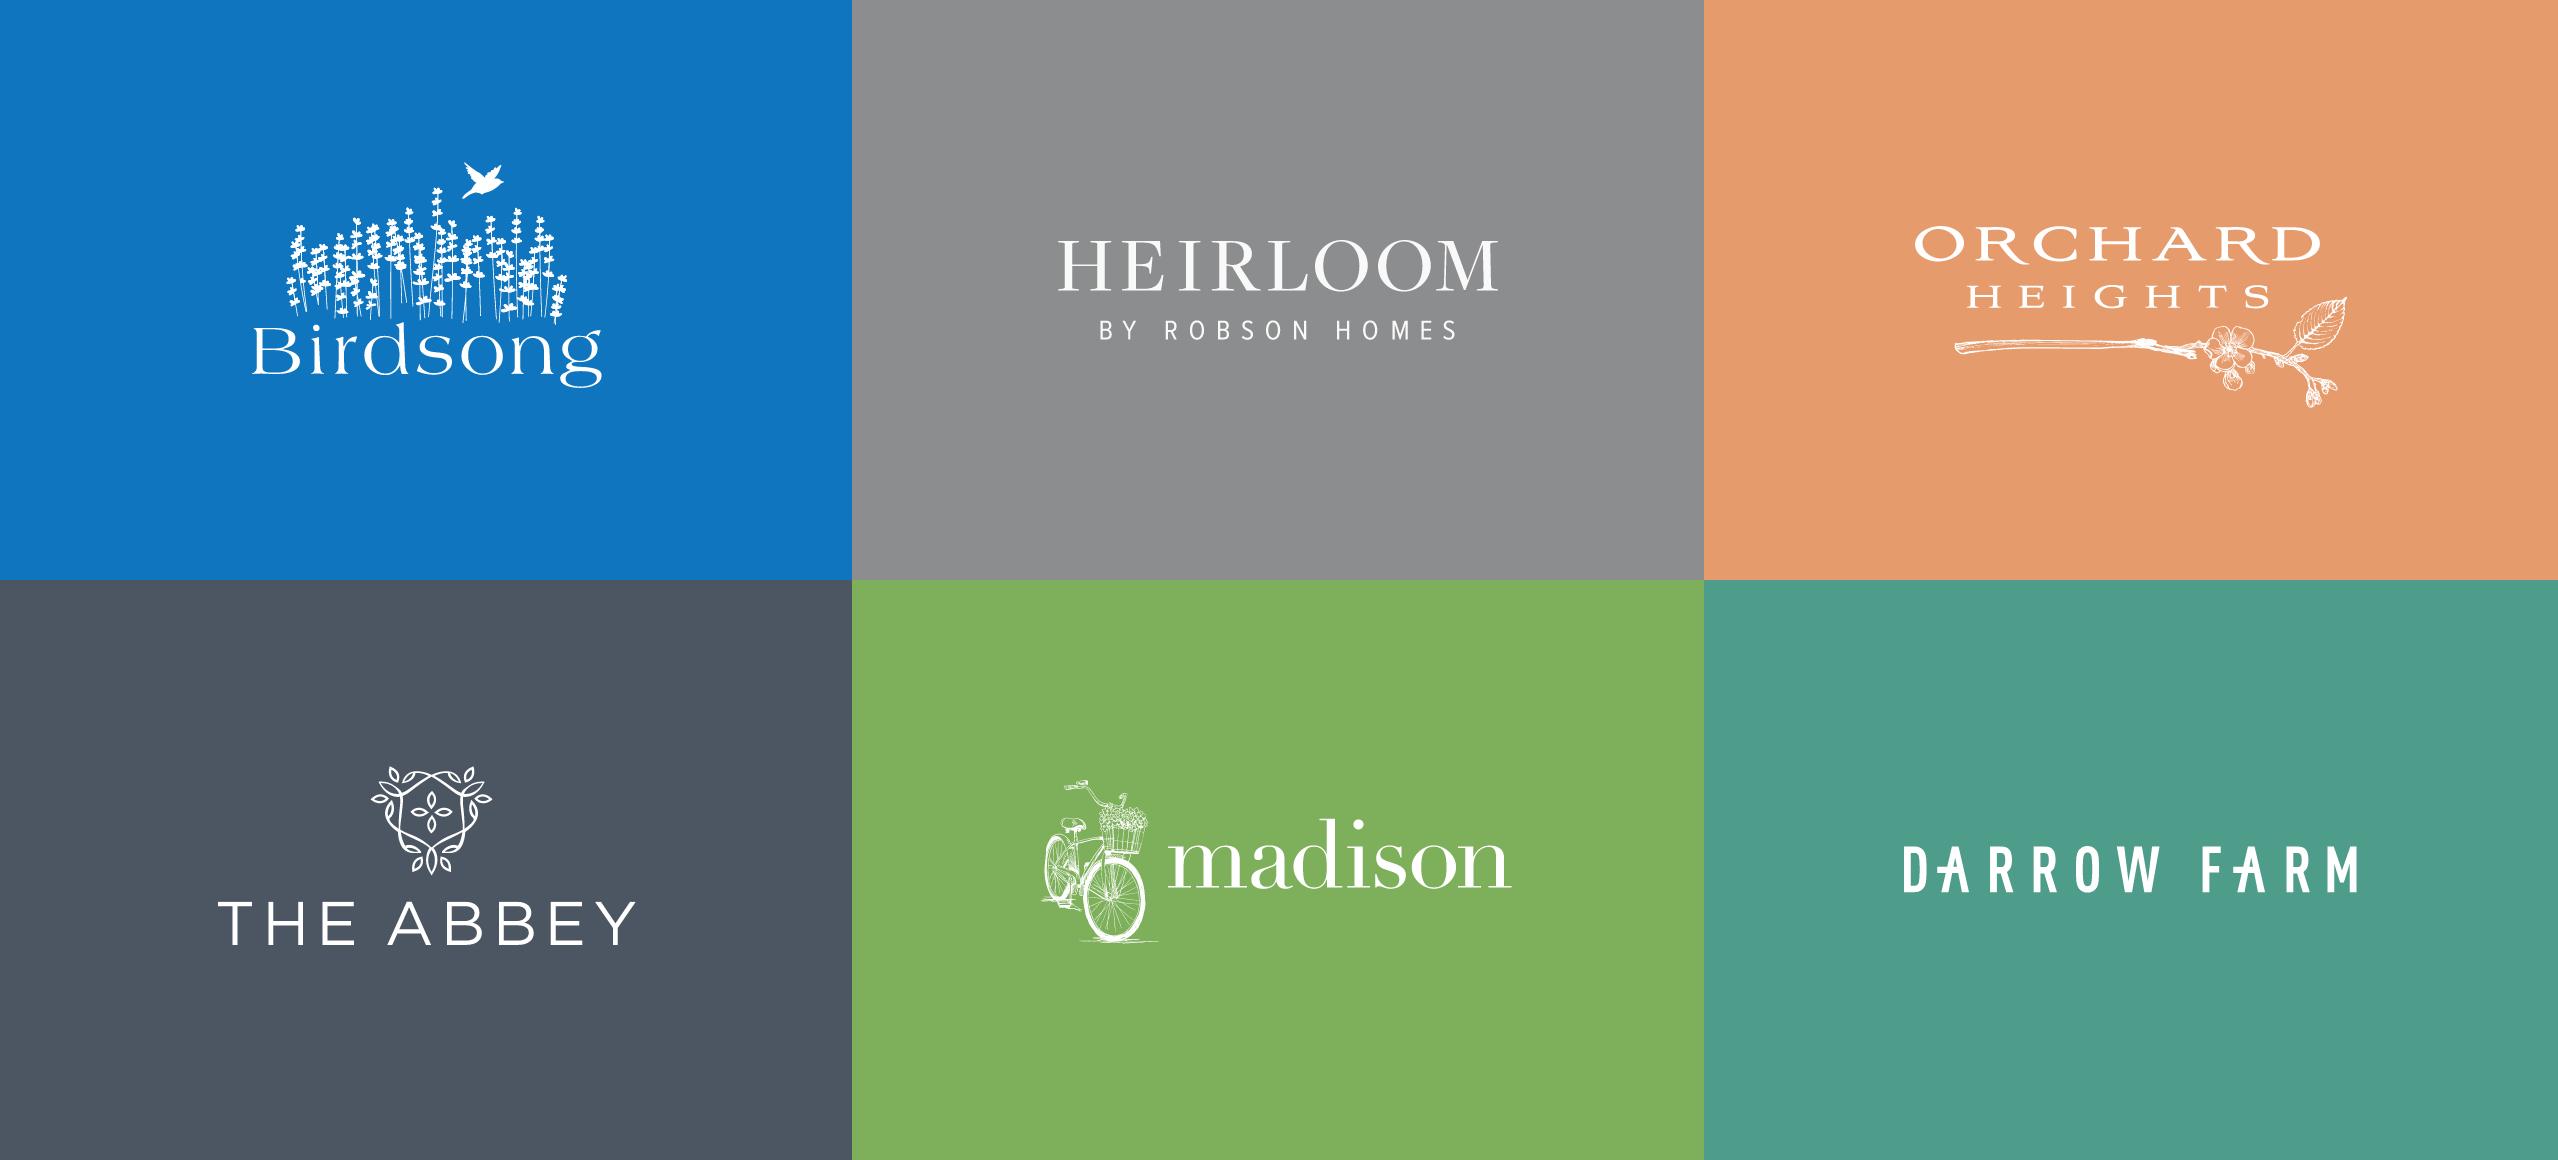 Robson Homes logos